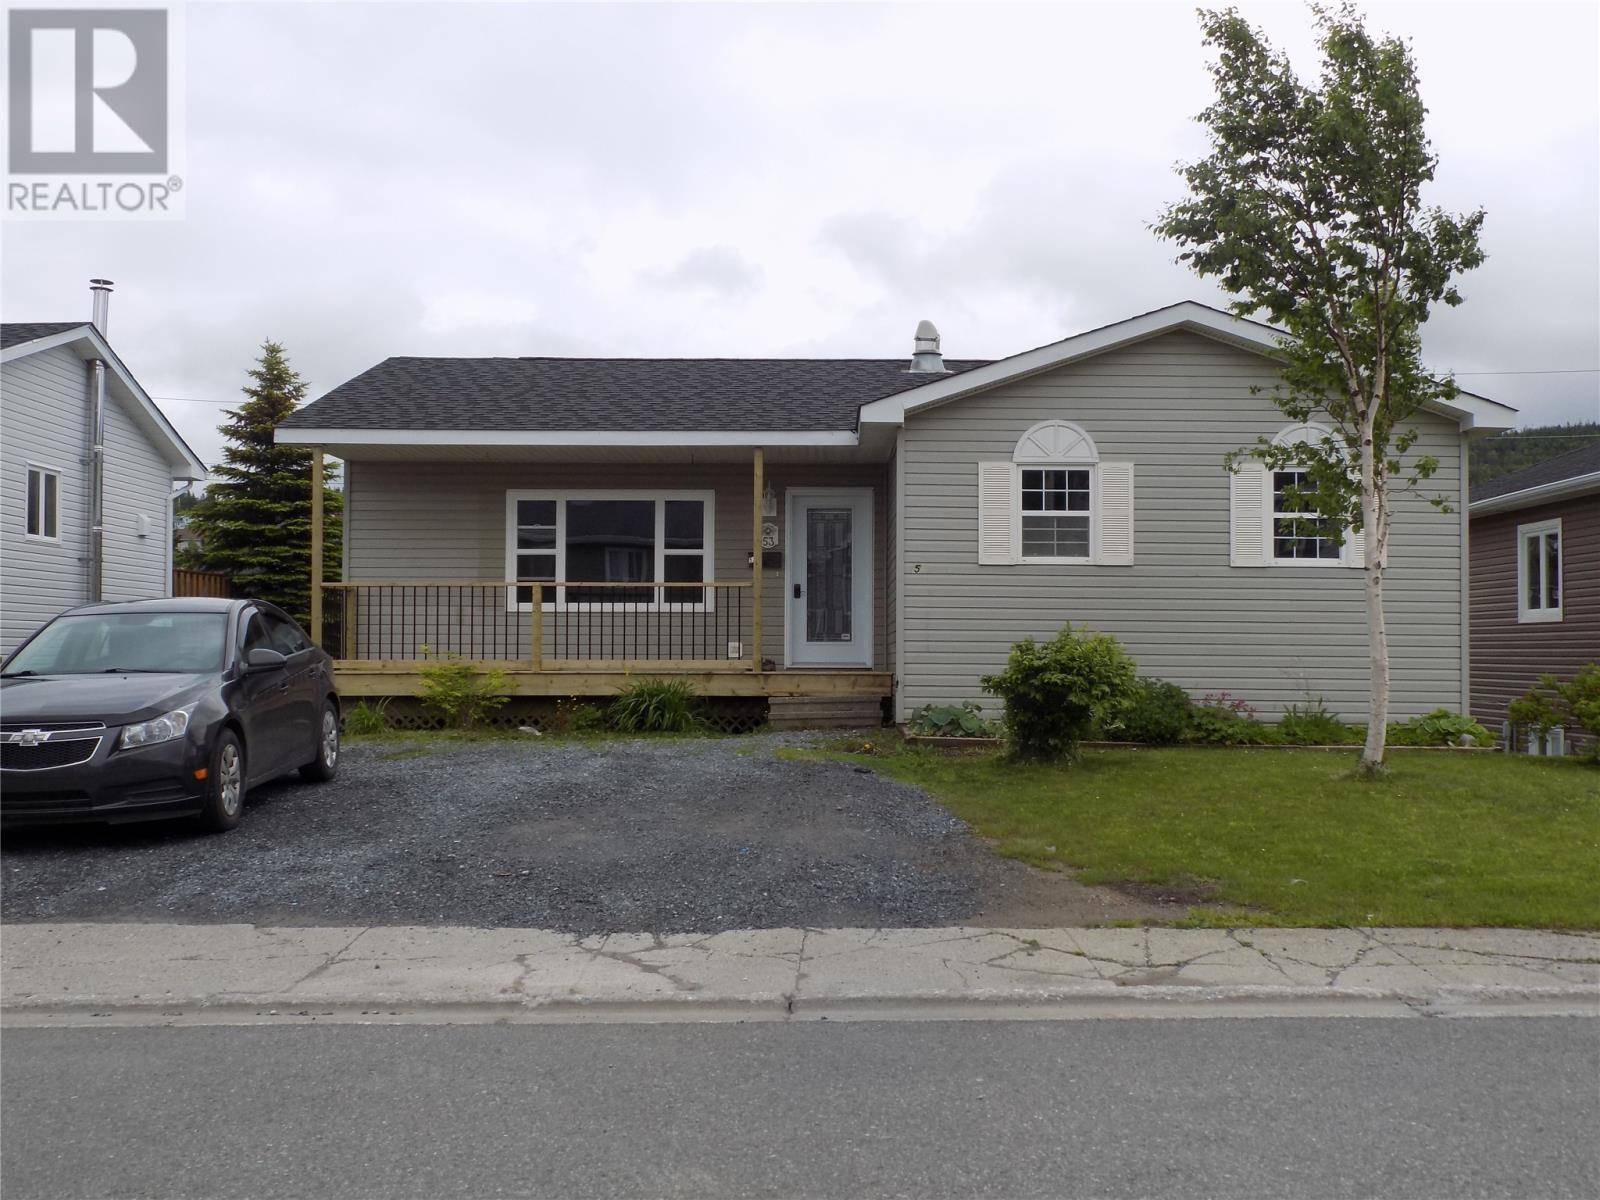 House for sale at 53 Shamrock Cres Corner Brook Newfoundland - MLS: 1199391